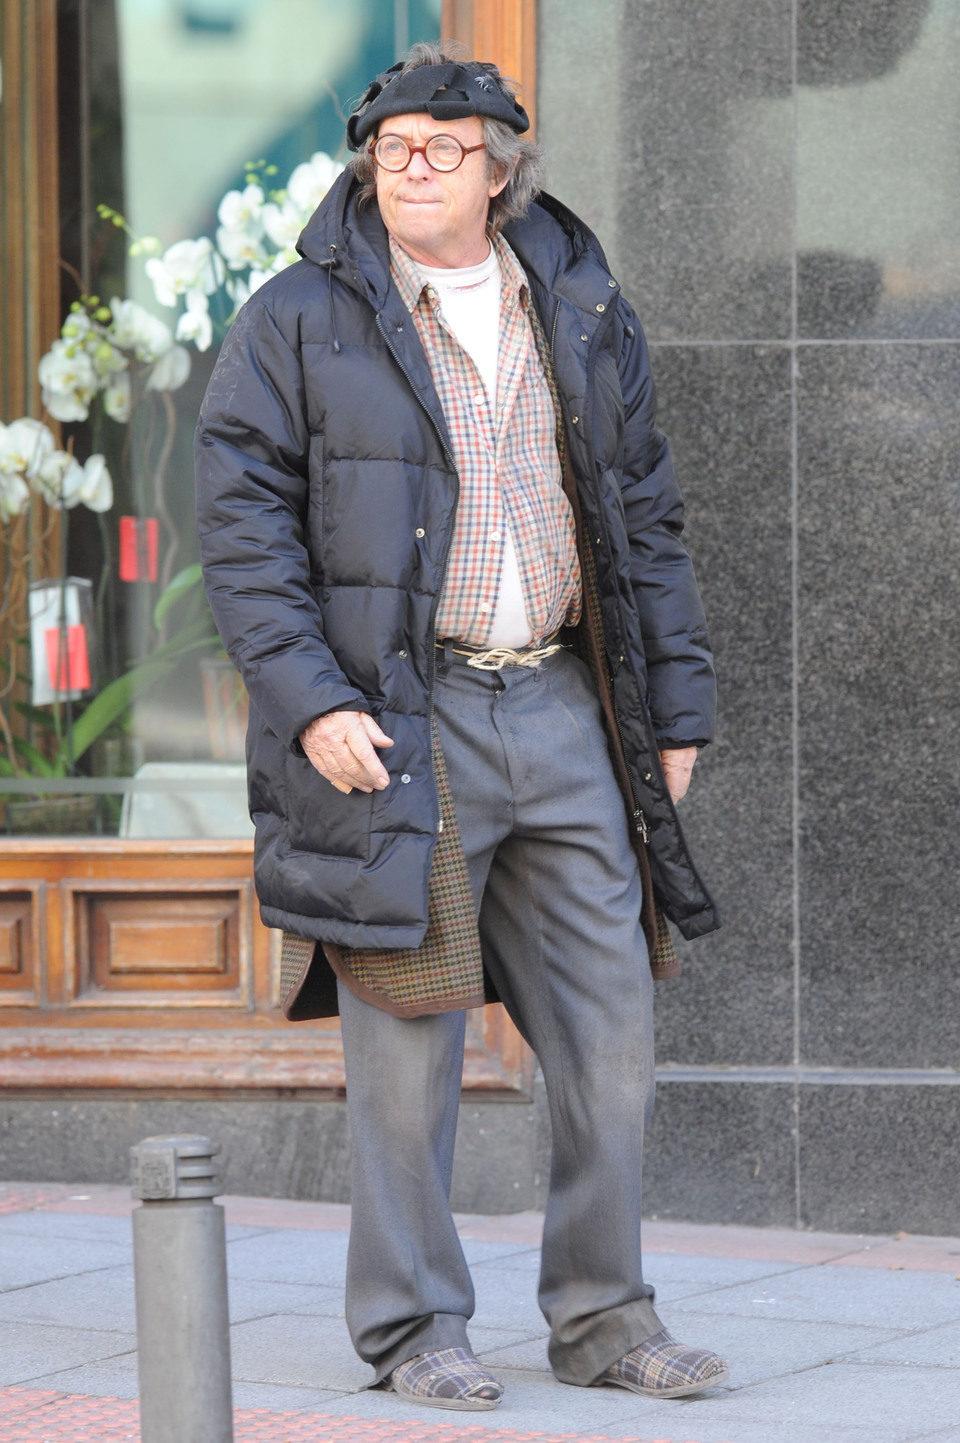 Barragán en el set de rodaje de \'Torrente 5\', Tamaño completo ...